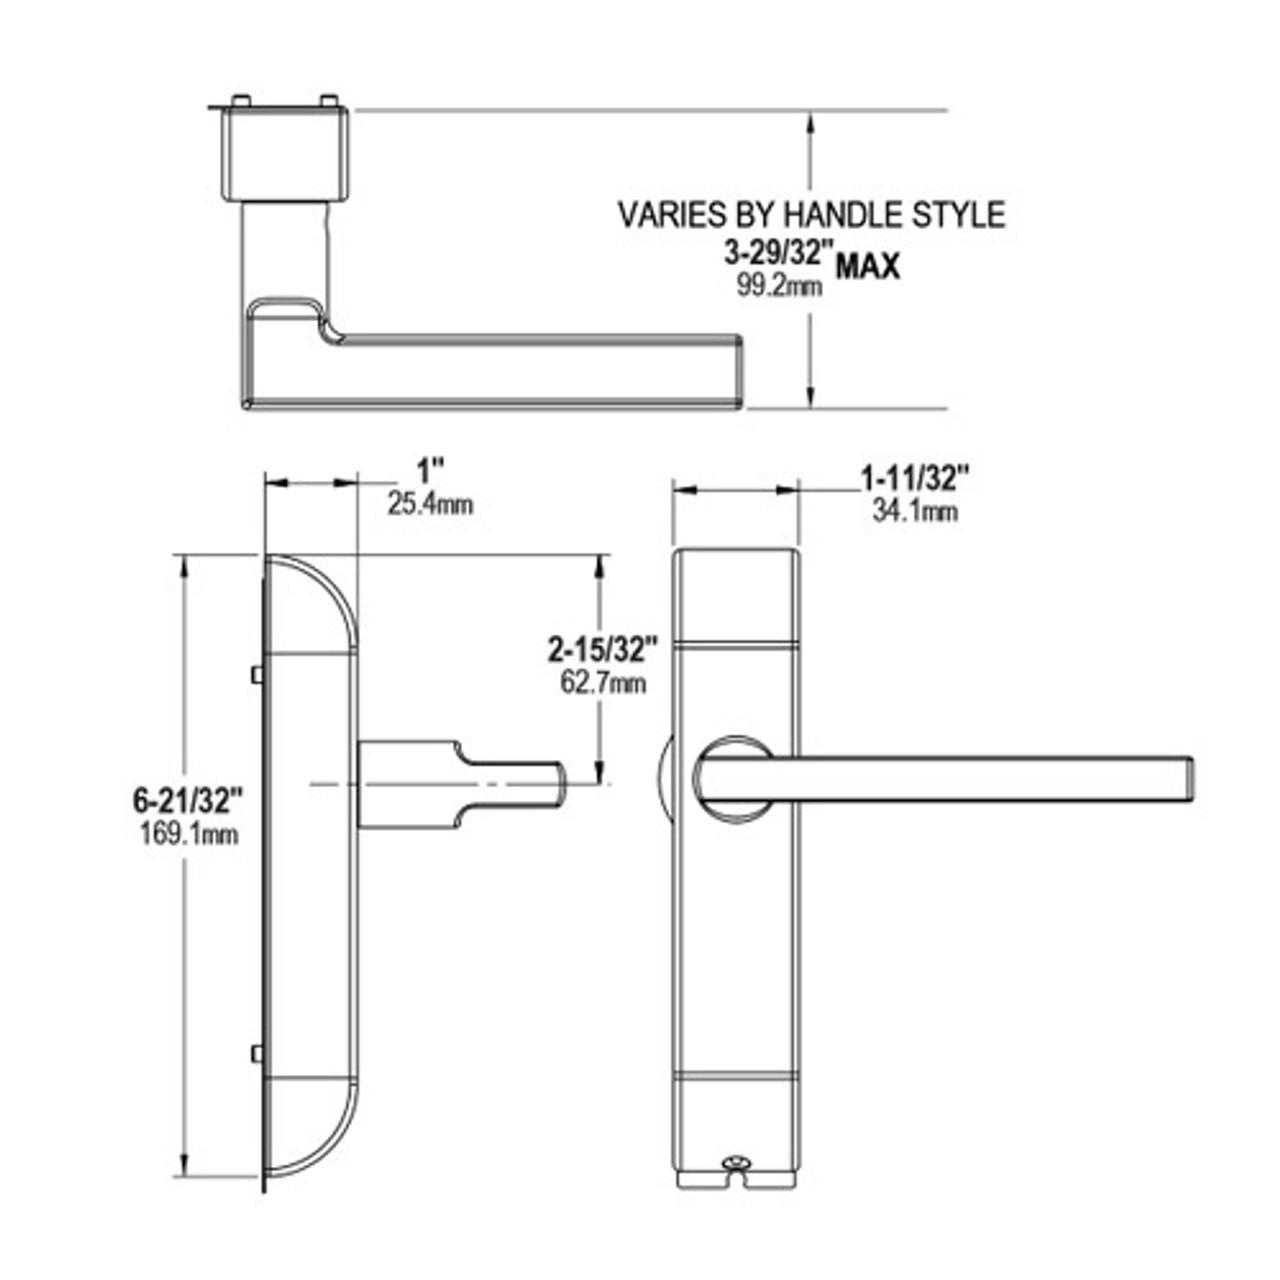 4600-MJ-522-US32 Adams Rite MJ Designer handle Dimensional View